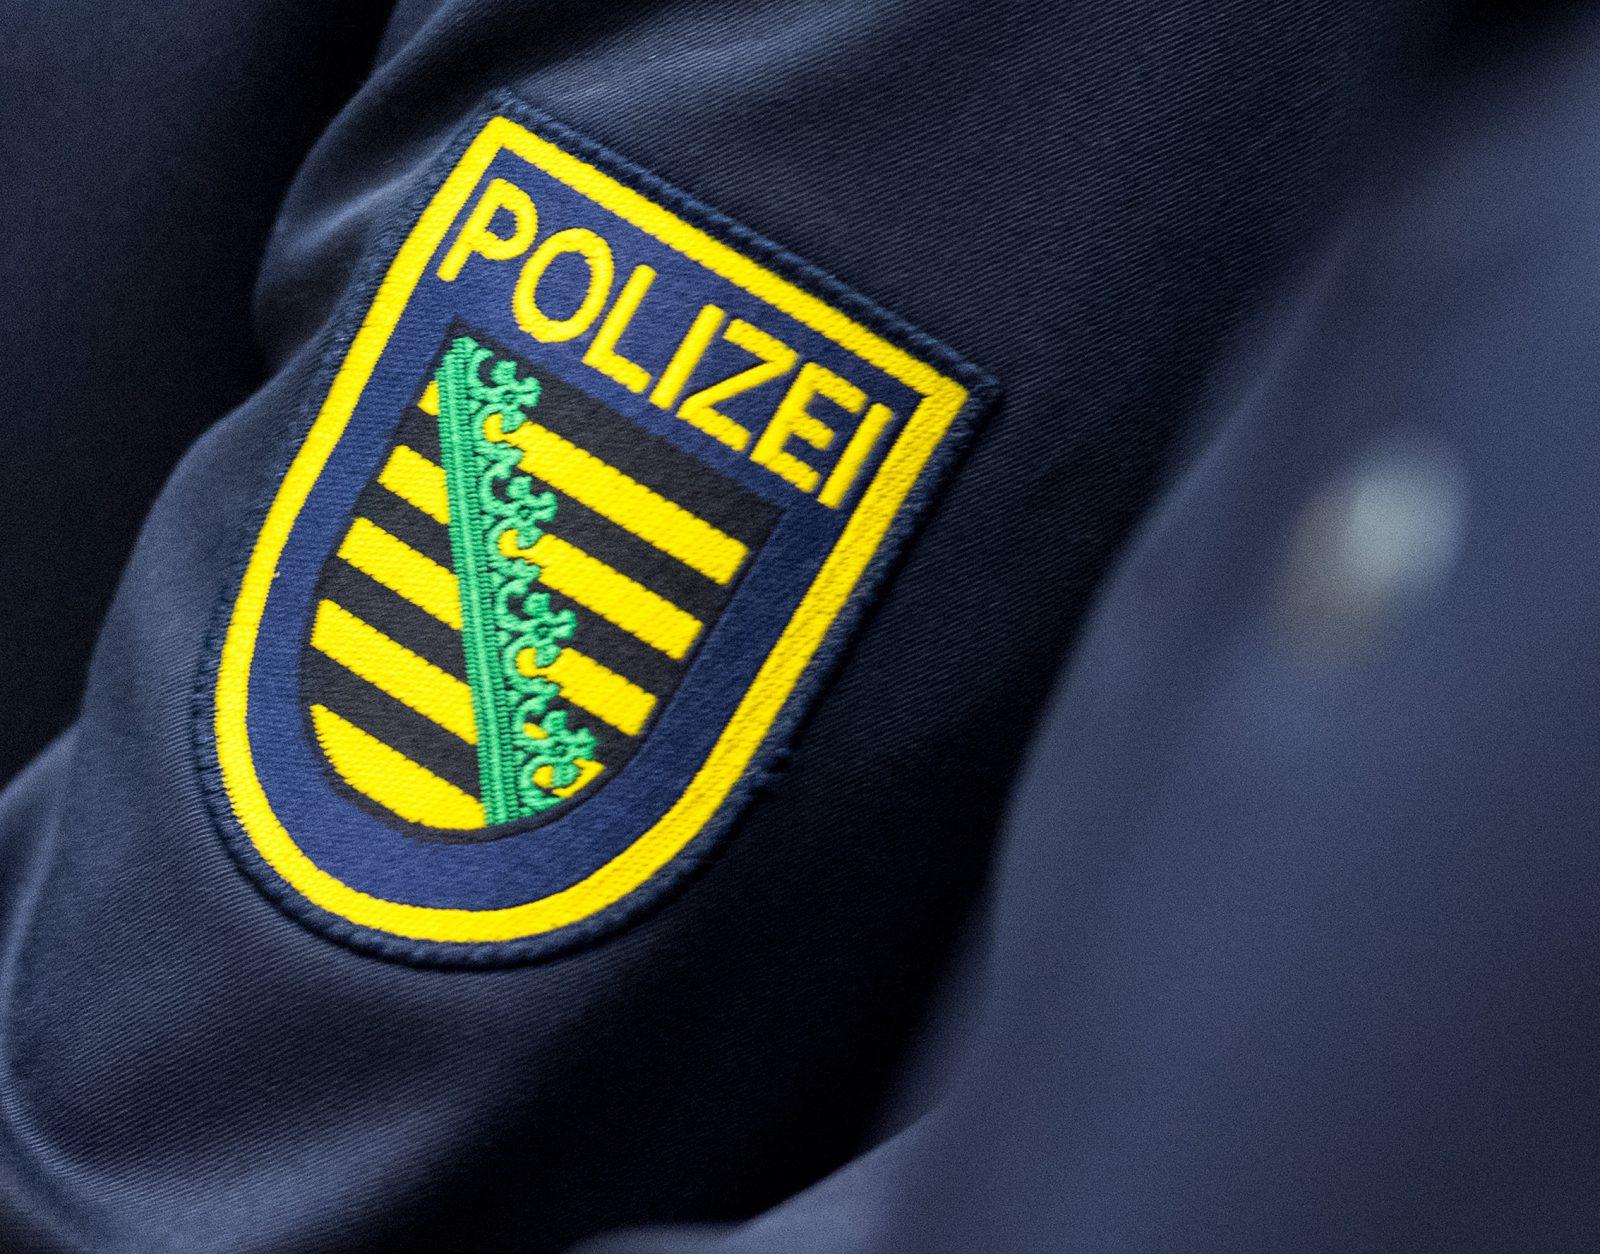 Sächsisches Landeswappen auf einer Polizeiuniform Foto: picture alliance/Monika Skolimowska/dpa-Zentralbild/dpa